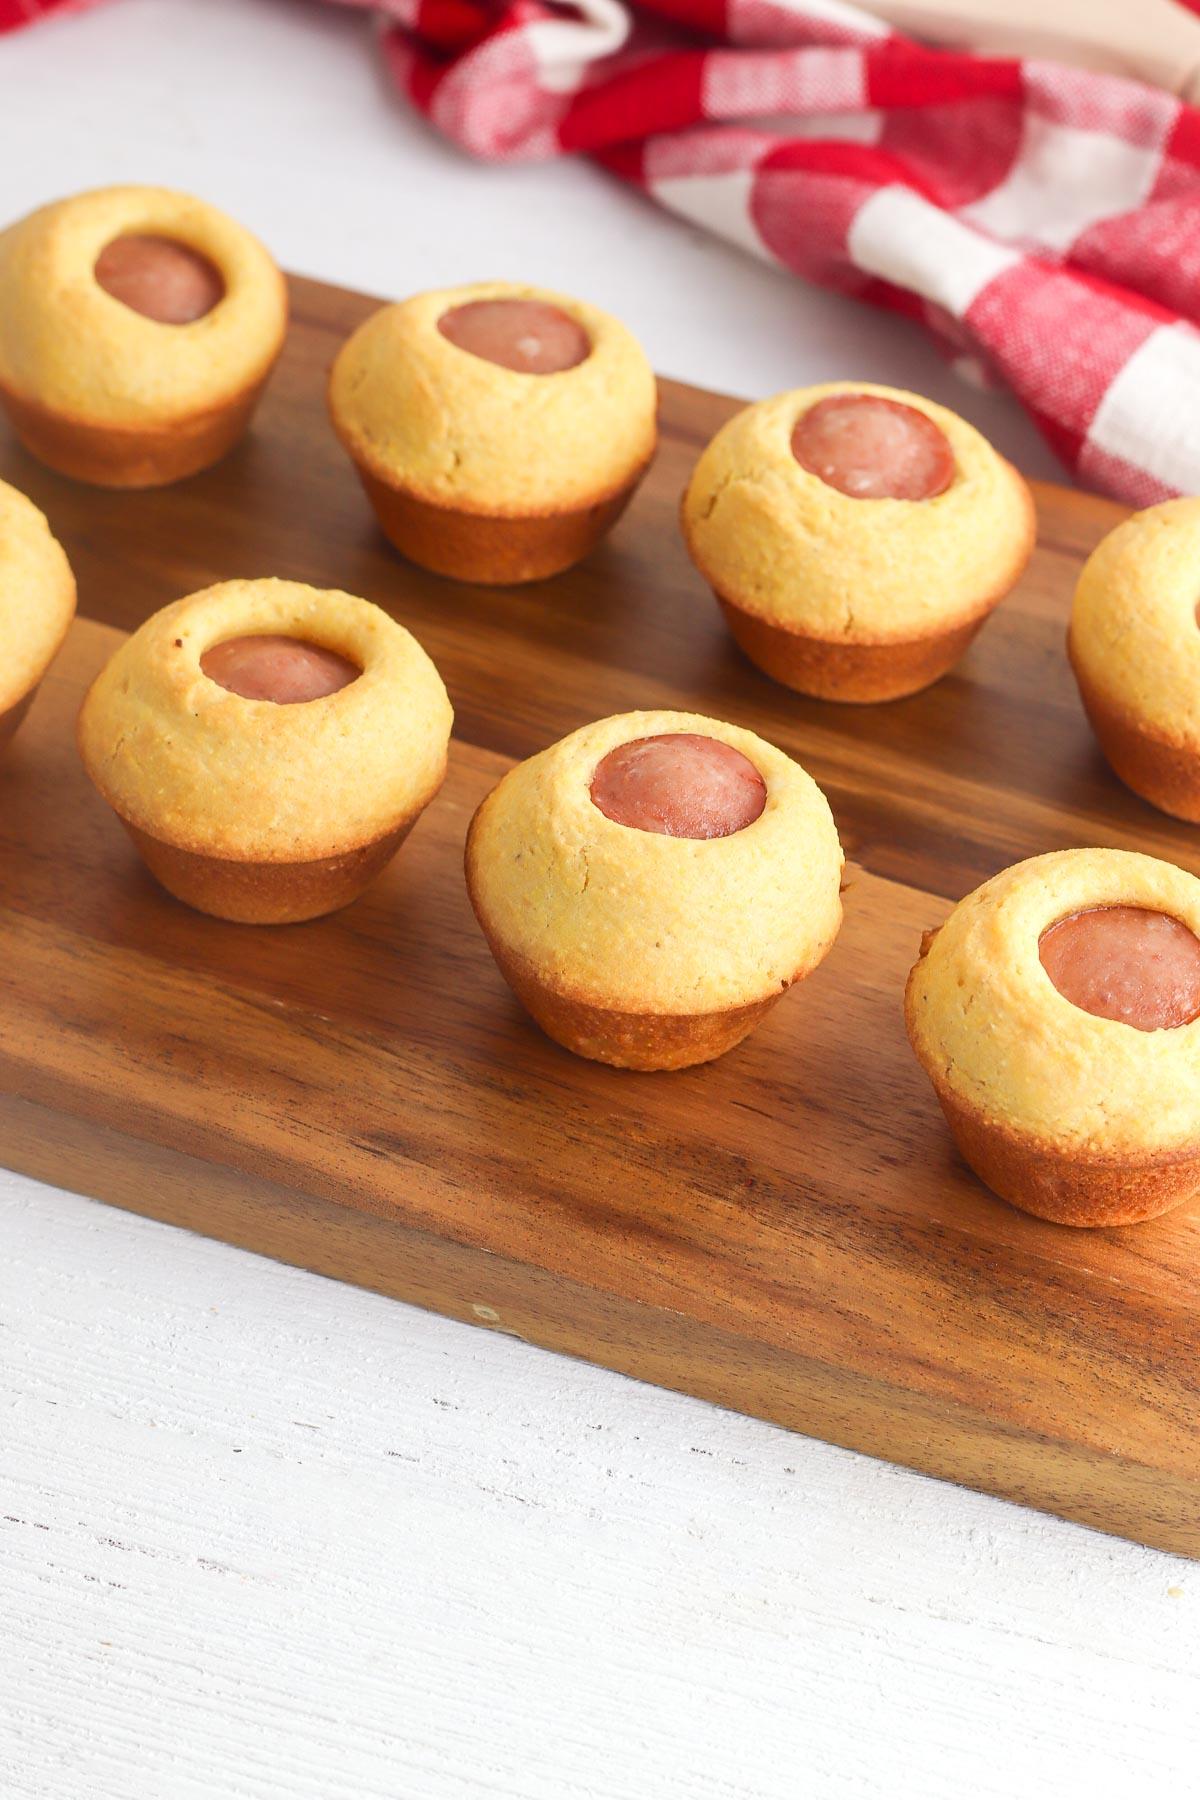 mini corn dogs on cutting board